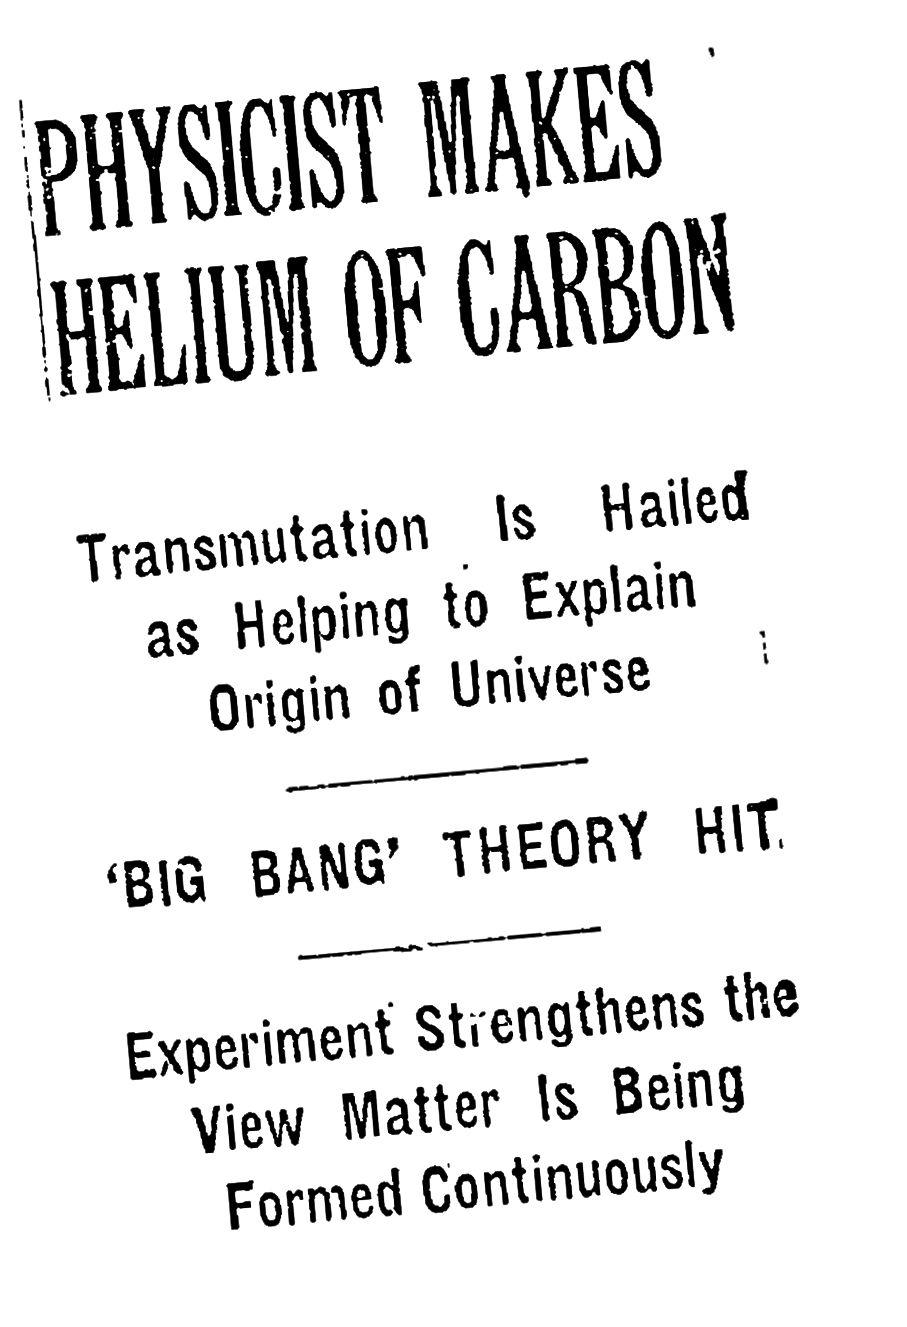 I titoli che annunciano il successo della nucleosintesi stellare ... e l'inversione delle previsioni alfa-beta-gamma di elementi più pesanti. Credito d'immagine: New York Times.